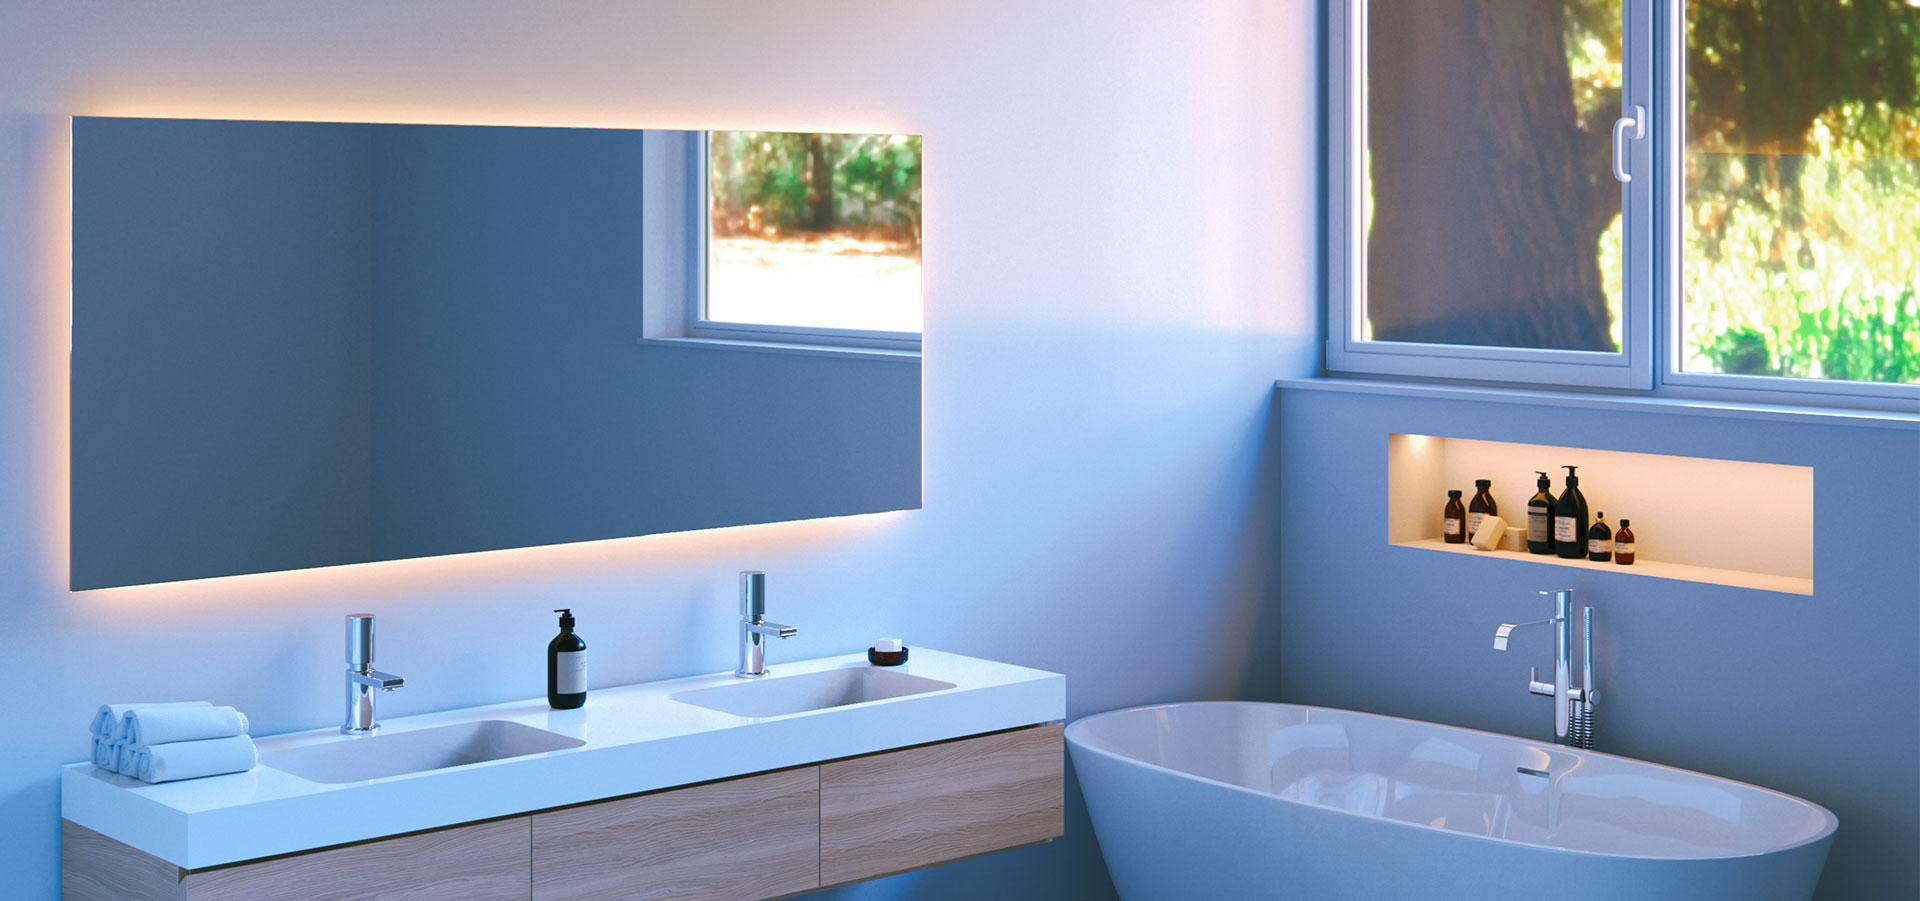 Inspirasjon til hjemmet: store speil